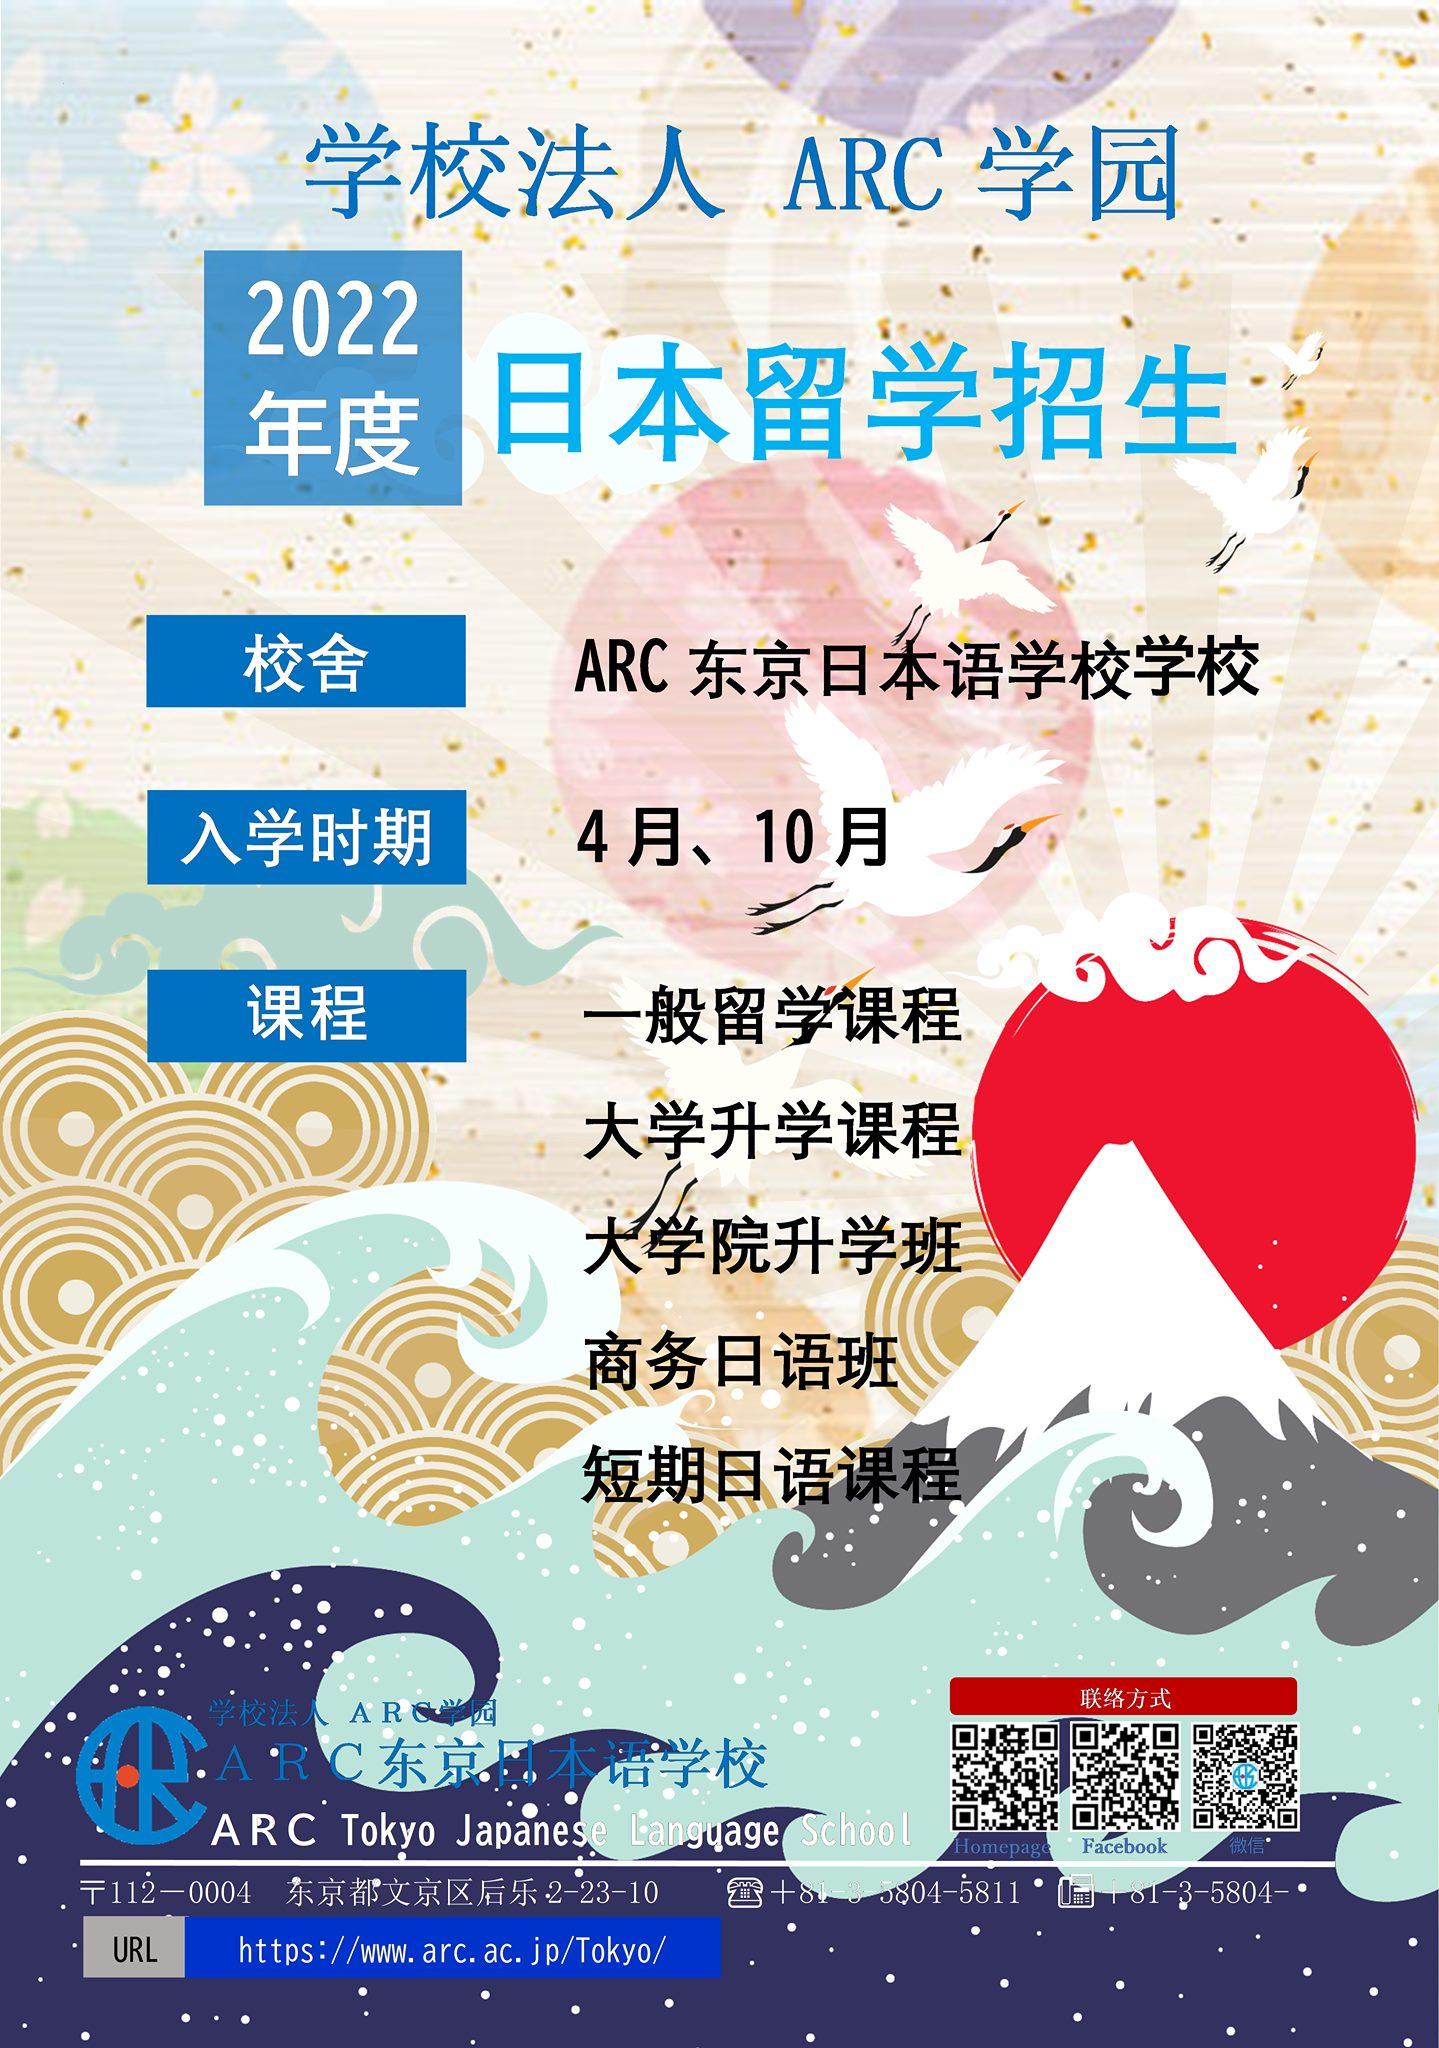 【一般留学课程・准备教育课程】2022年4月生招生进行中!